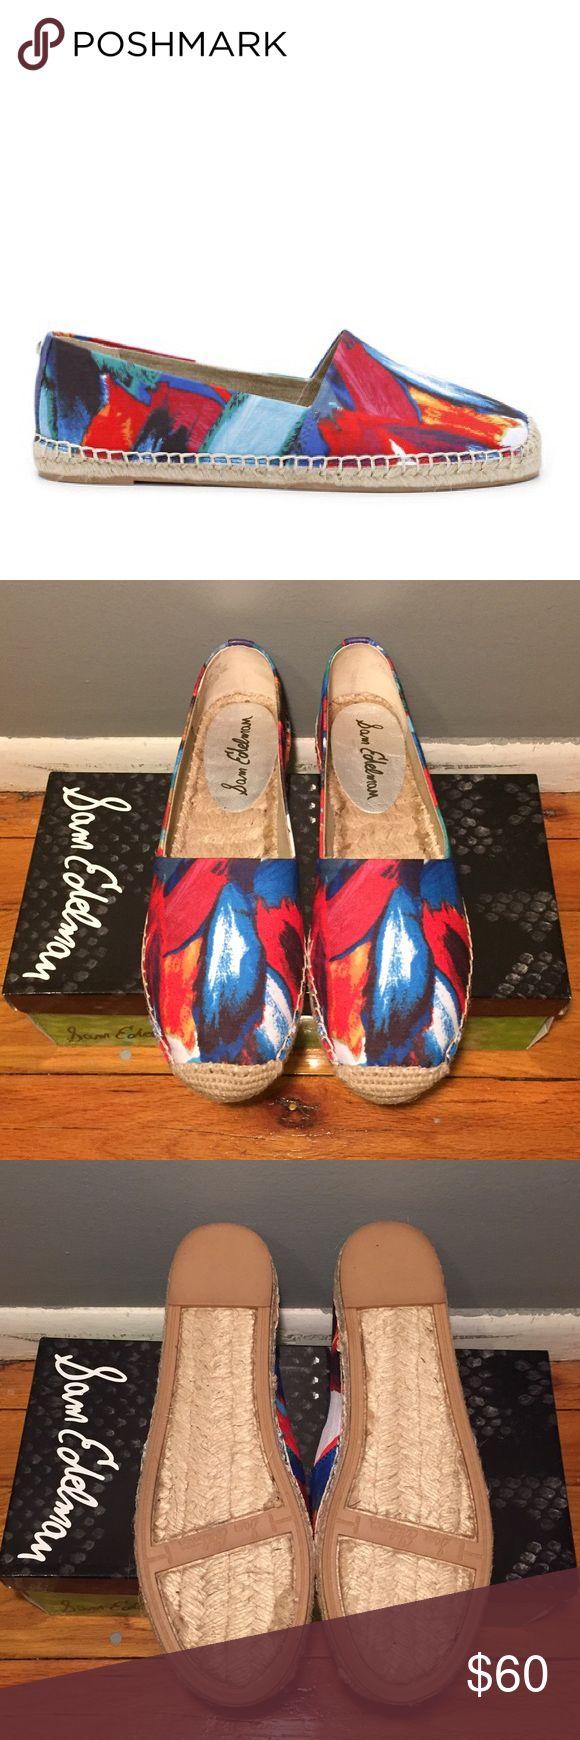 Sam Edelman multi color espadrilles  size 7.5 NIB Sam Edelman Lynn blue multi espadrilles size 7.5 Sam Edelman Shoes Espadrilles